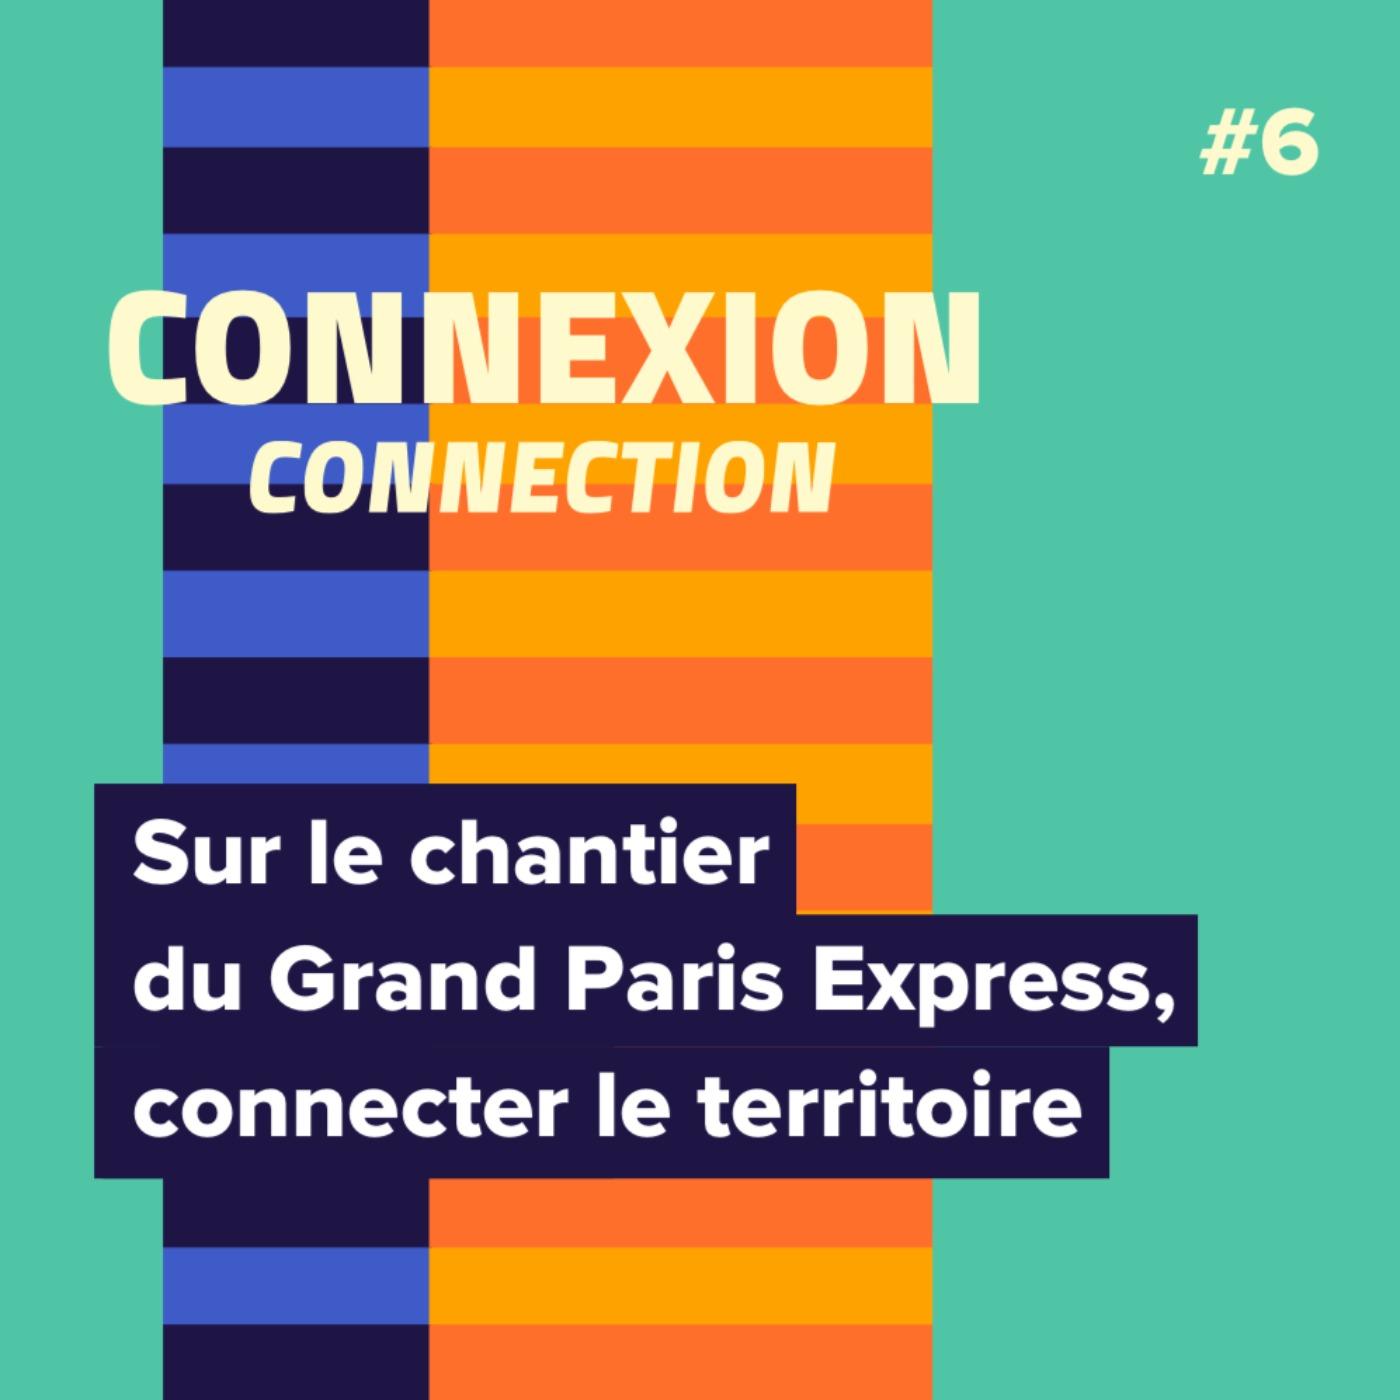 Sur le chantier du Grand Paris Express, connecter le territoire